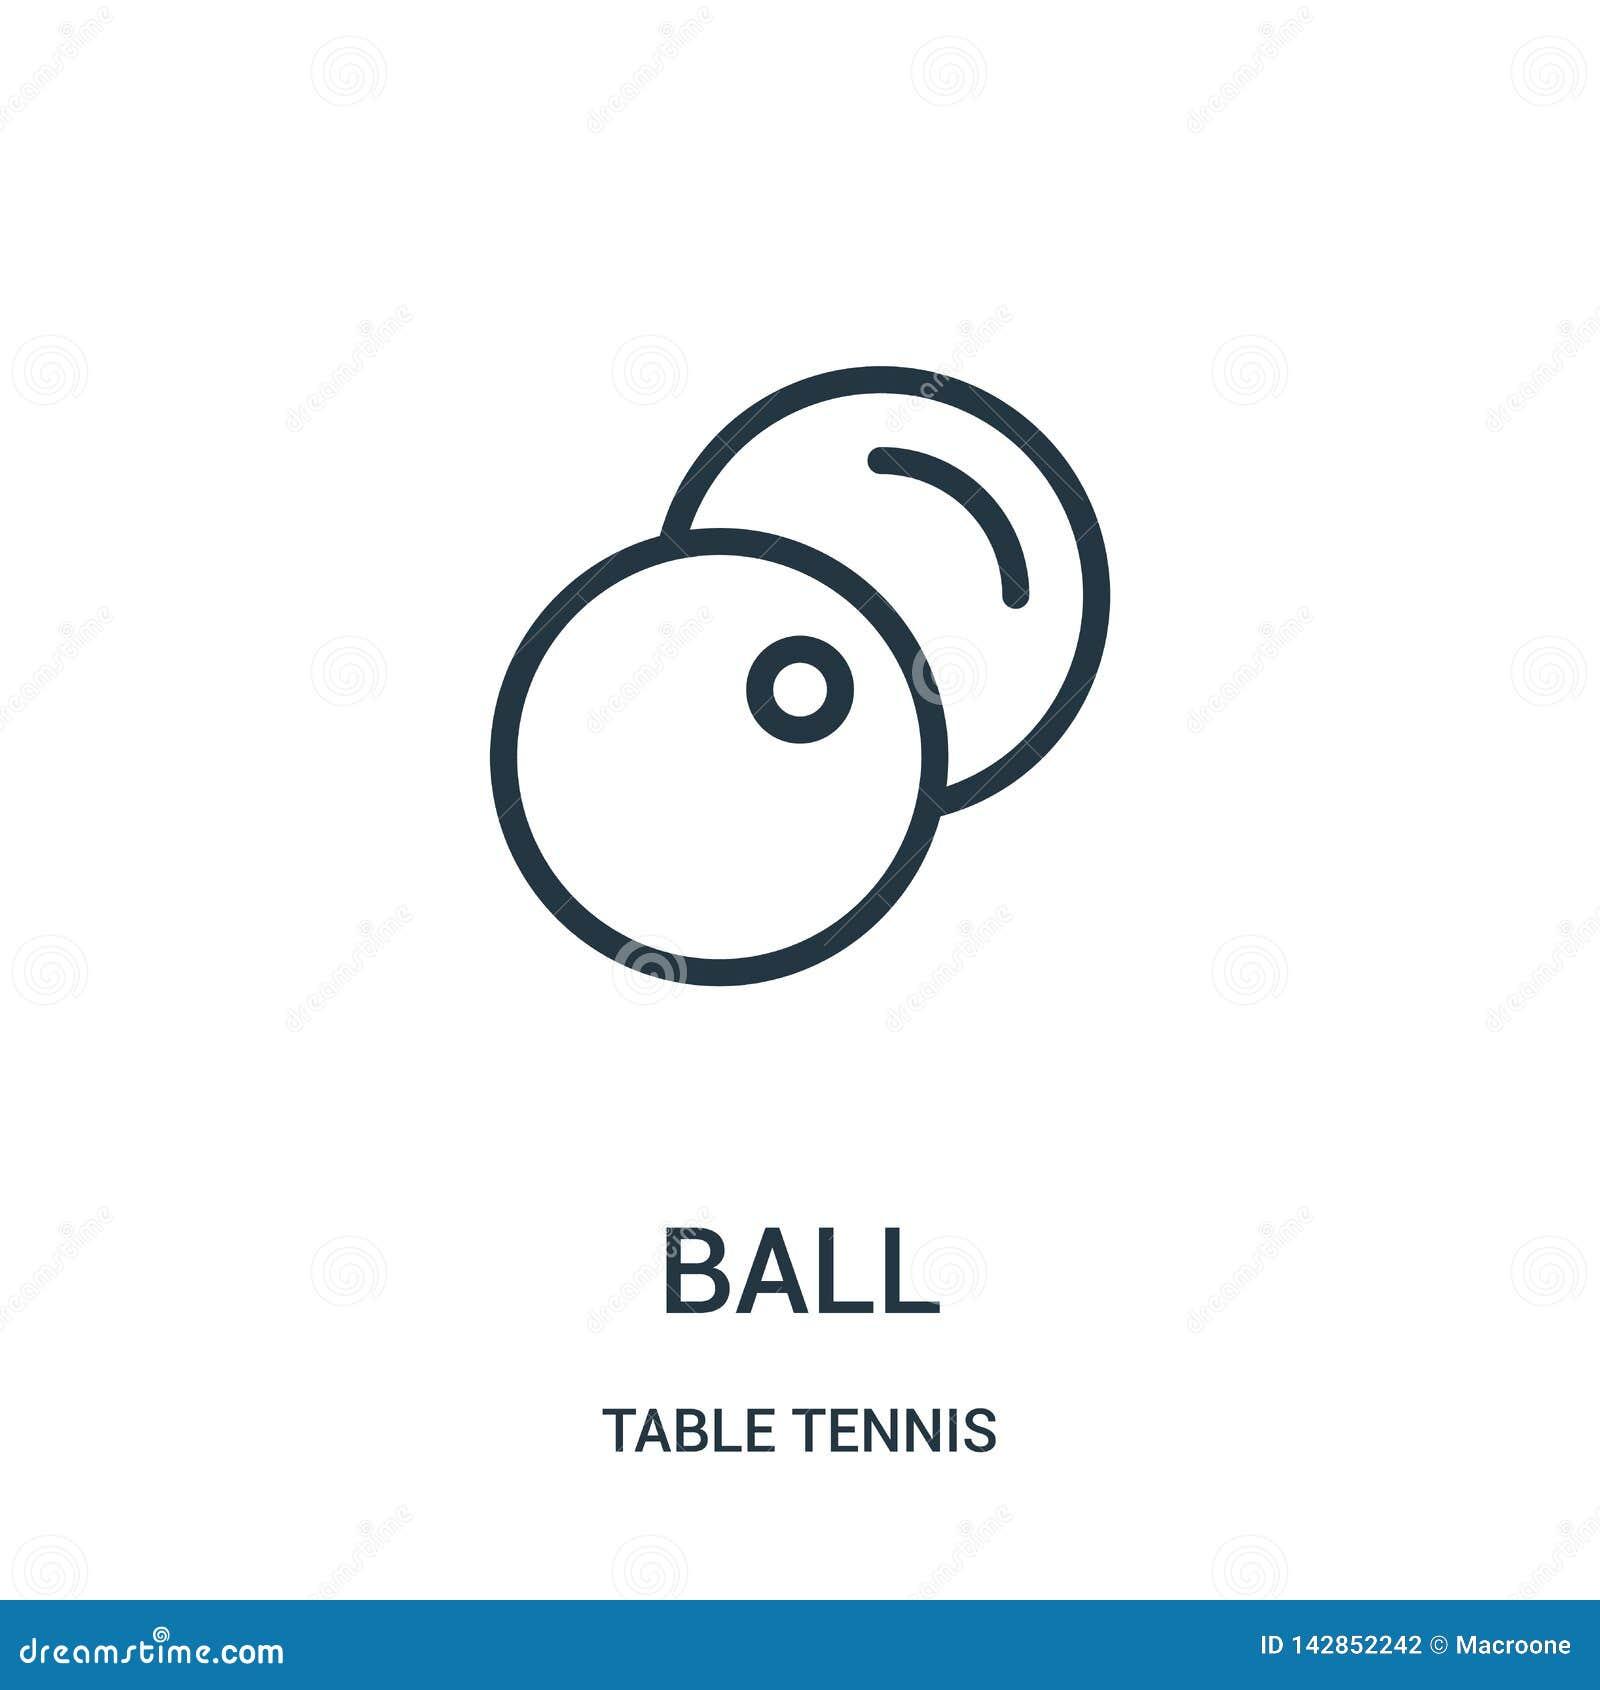 διάνυσμα εικονιδίων σφαιρών από τη συλλογή επιτραπέζιας αντισφαίρισης Λεπτή διανυσματική απεικόνιση εικονιδίων περιλήψεων σφαιρών